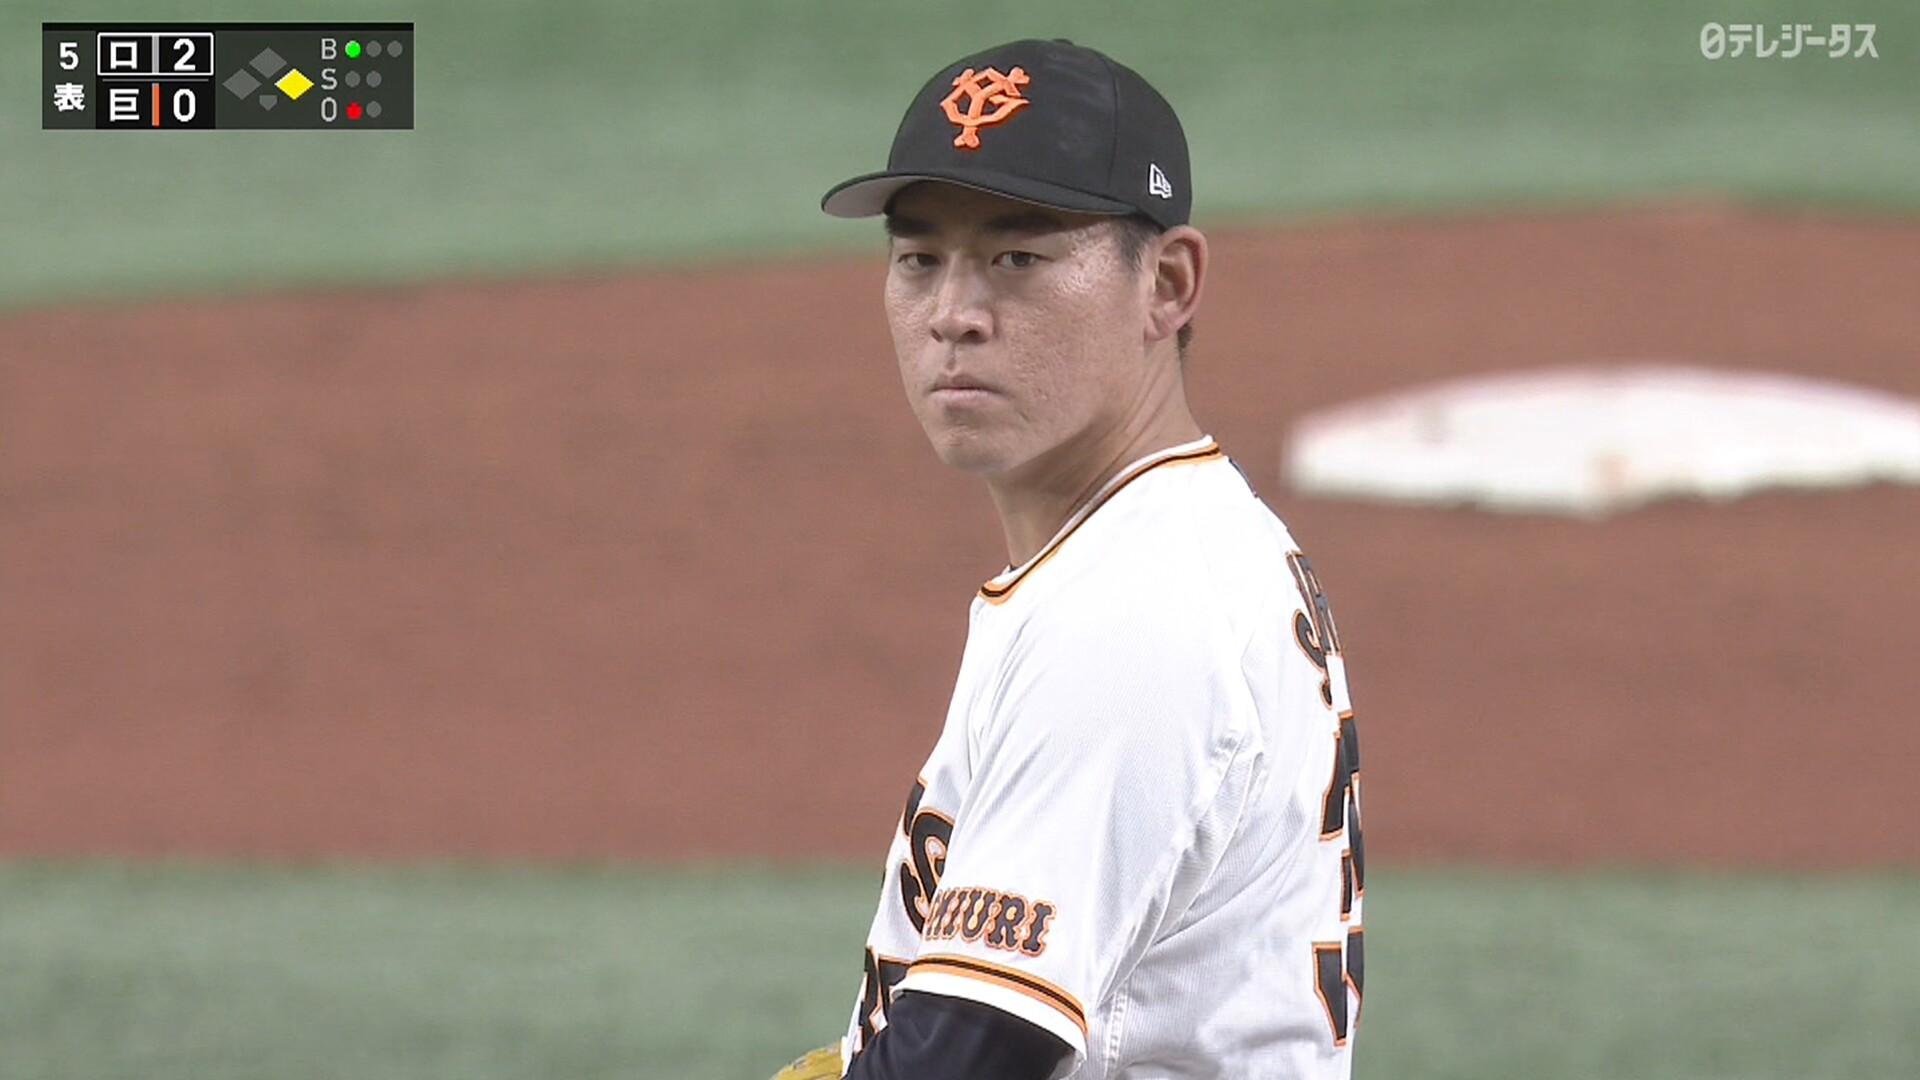 巨人・宮本コーチ、内容も結果も悪い桜井をなぜか信頼「先発6番手候補」